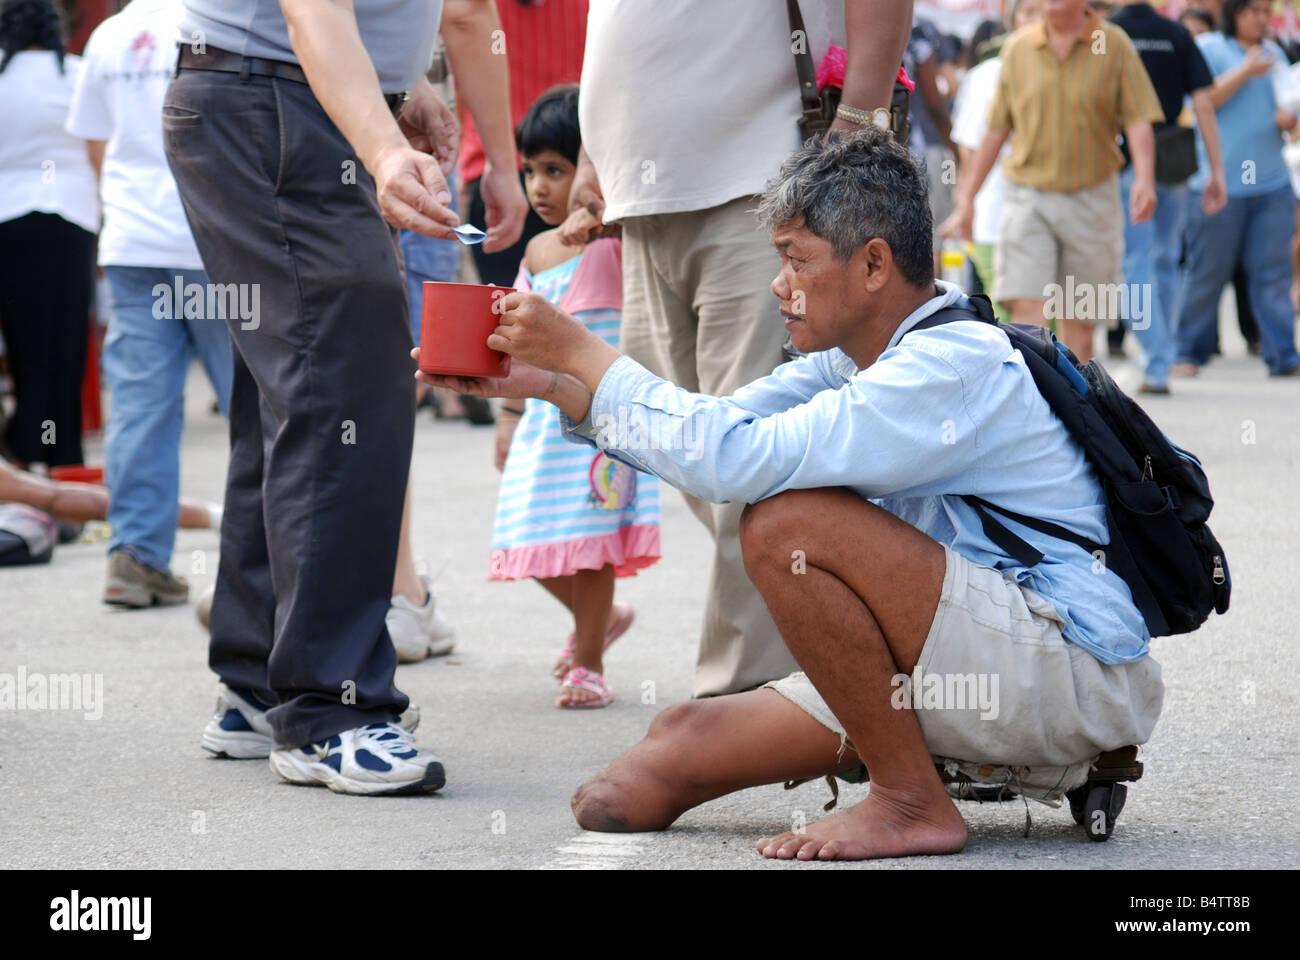 Beggar receiving money from generous man - Stock Image